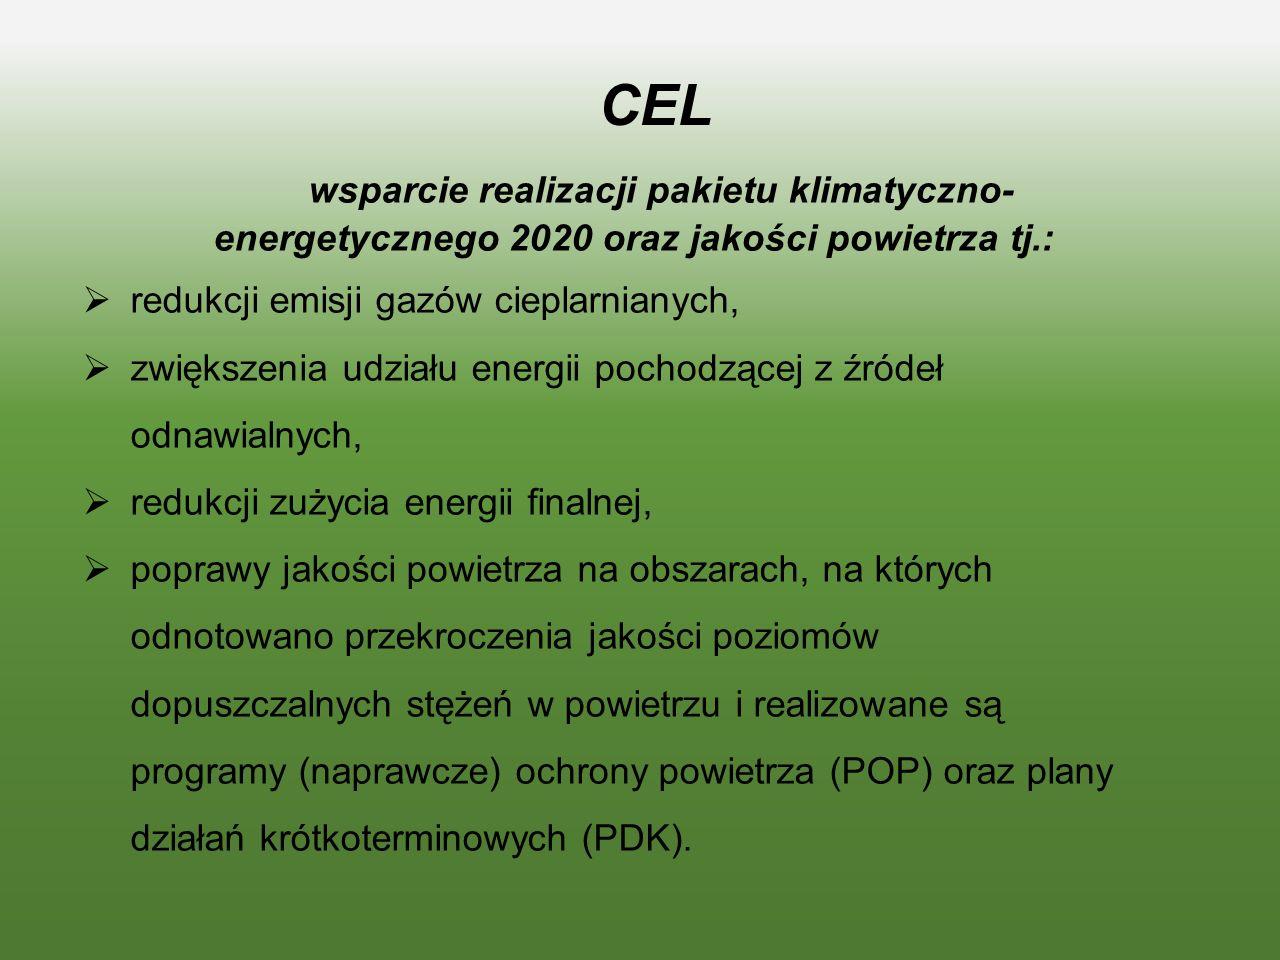 CEL wsparcie realizacji pakietu klimatyczno- energetycznego 2020 oraz jakości powietrza tj.:  redukcji emisji gazów cieplarnianych,  zwiększenia udziału energii pochodzącej z źródeł odnawialnych,  redukcji zużycia energii finalnej,  poprawy jakości powietrza na obszarach, na których odnotowano przekroczenia jakości poziomów dopuszczalnych stężeń w powietrzu i realizowane są programy (naprawcze) ochrony powietrza (POP) oraz plany działań krótkoterminowych (PDK).